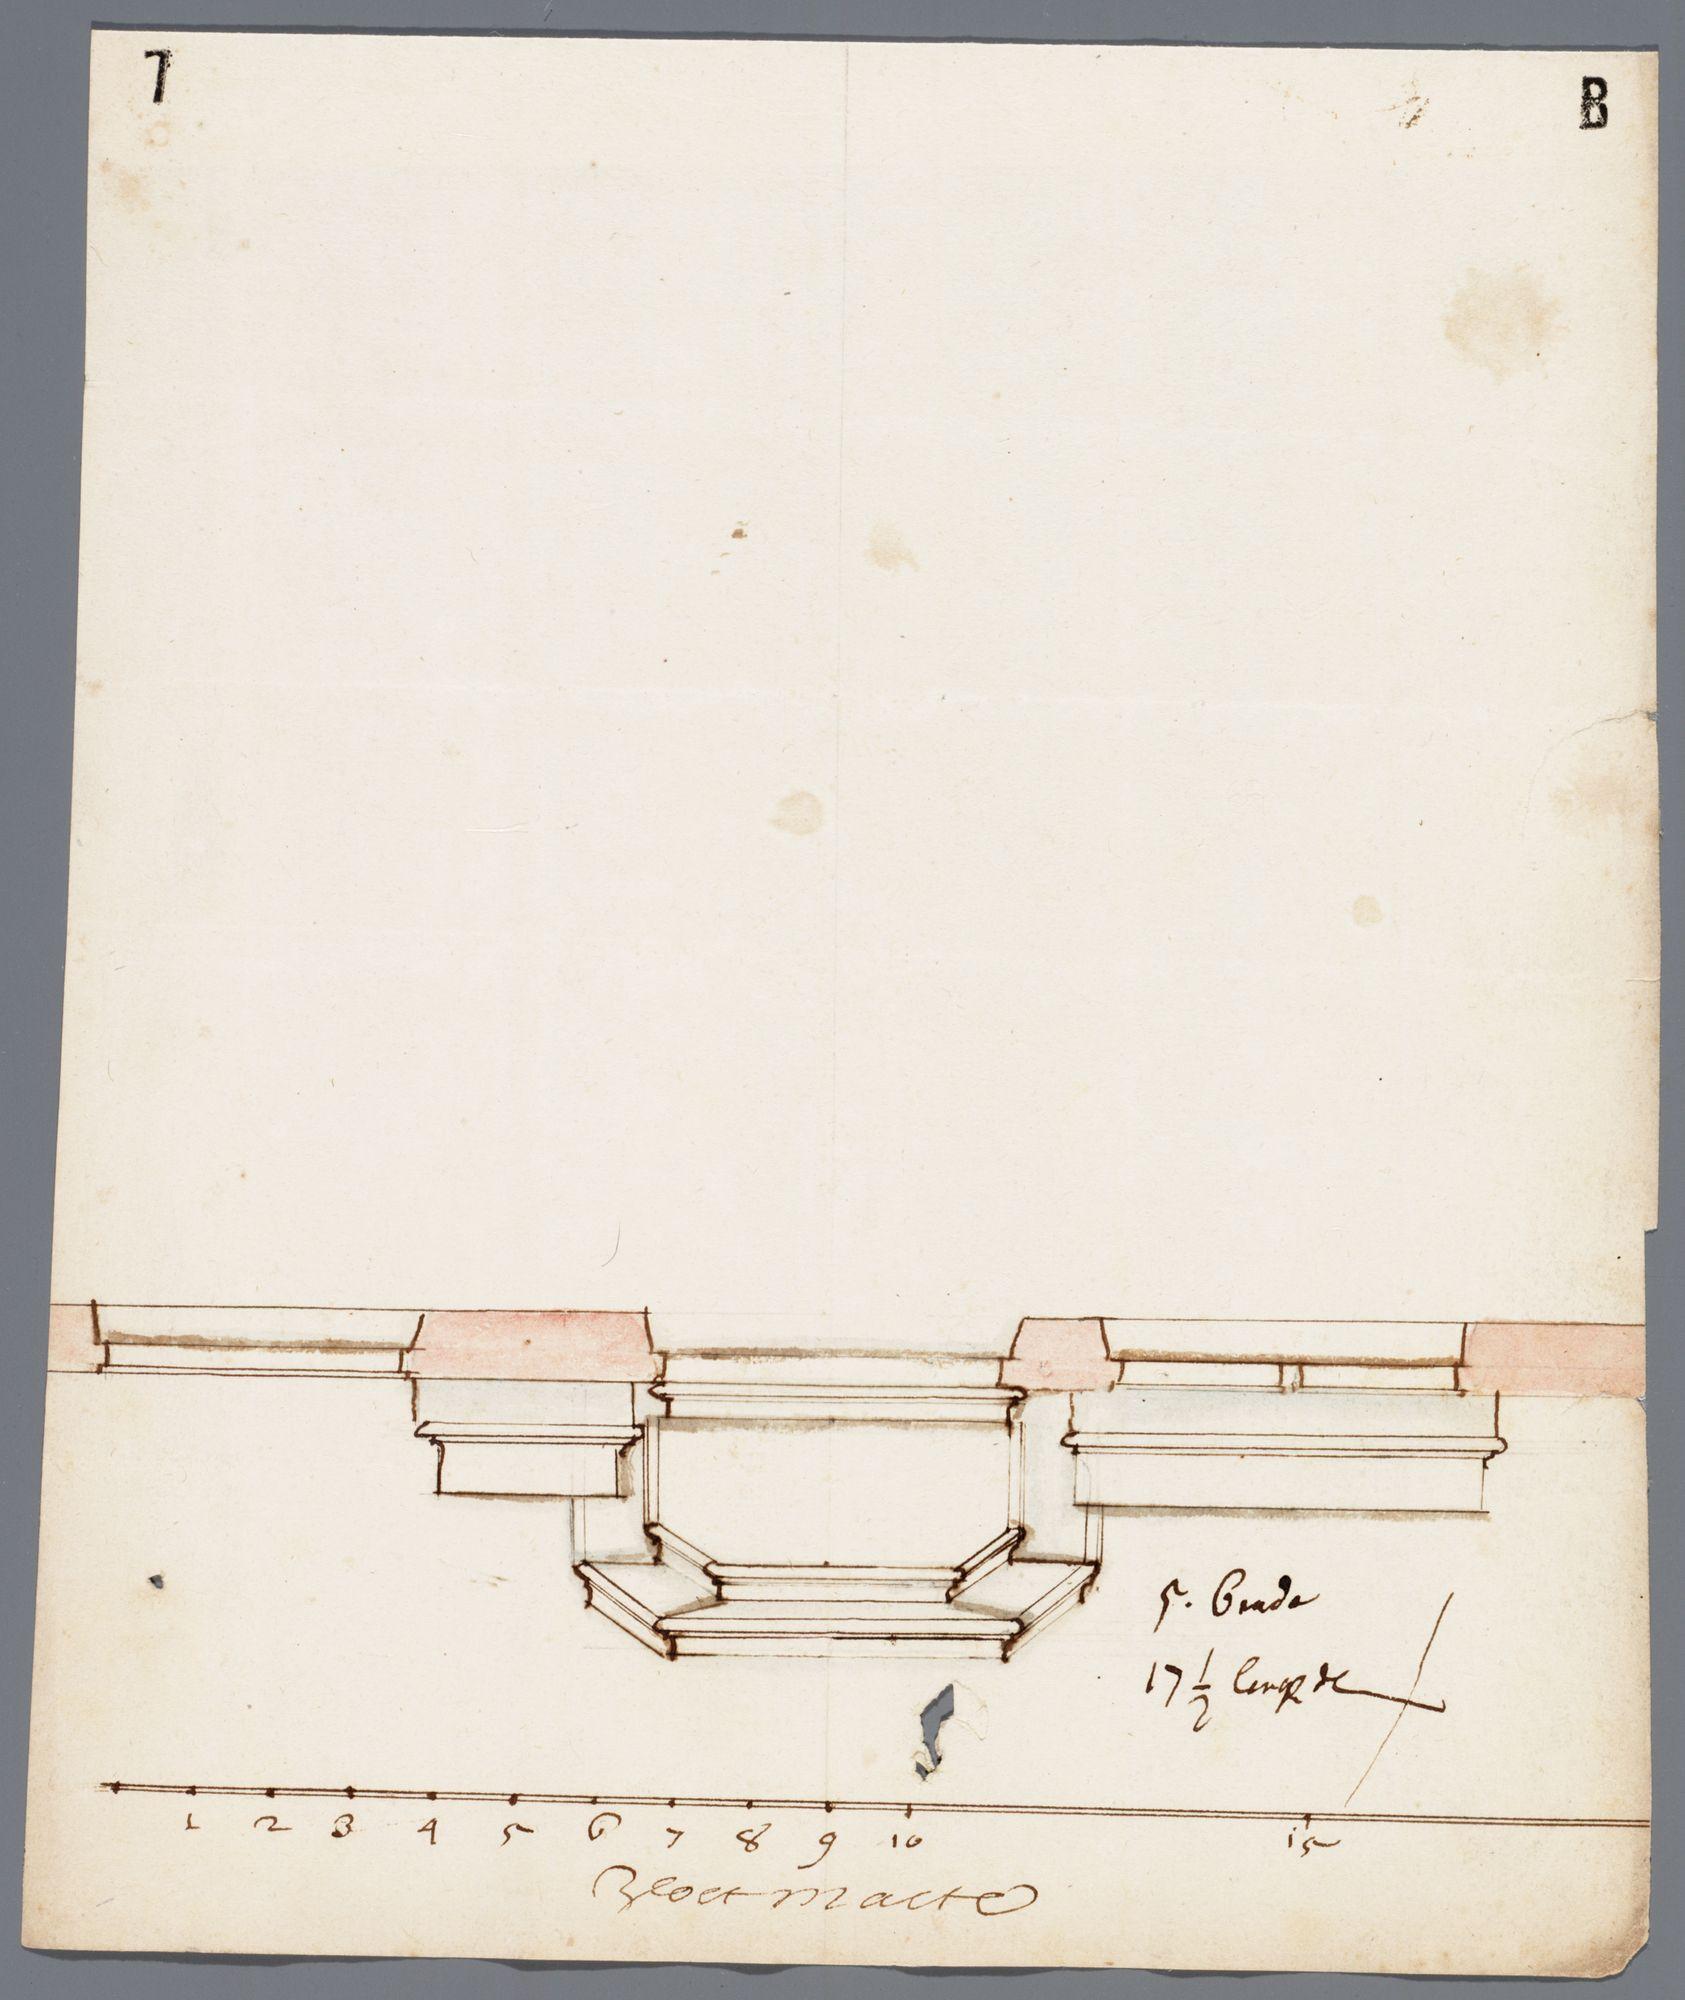 Gent: Gewad, 1715: horizontale doorsnede gevel en bordes